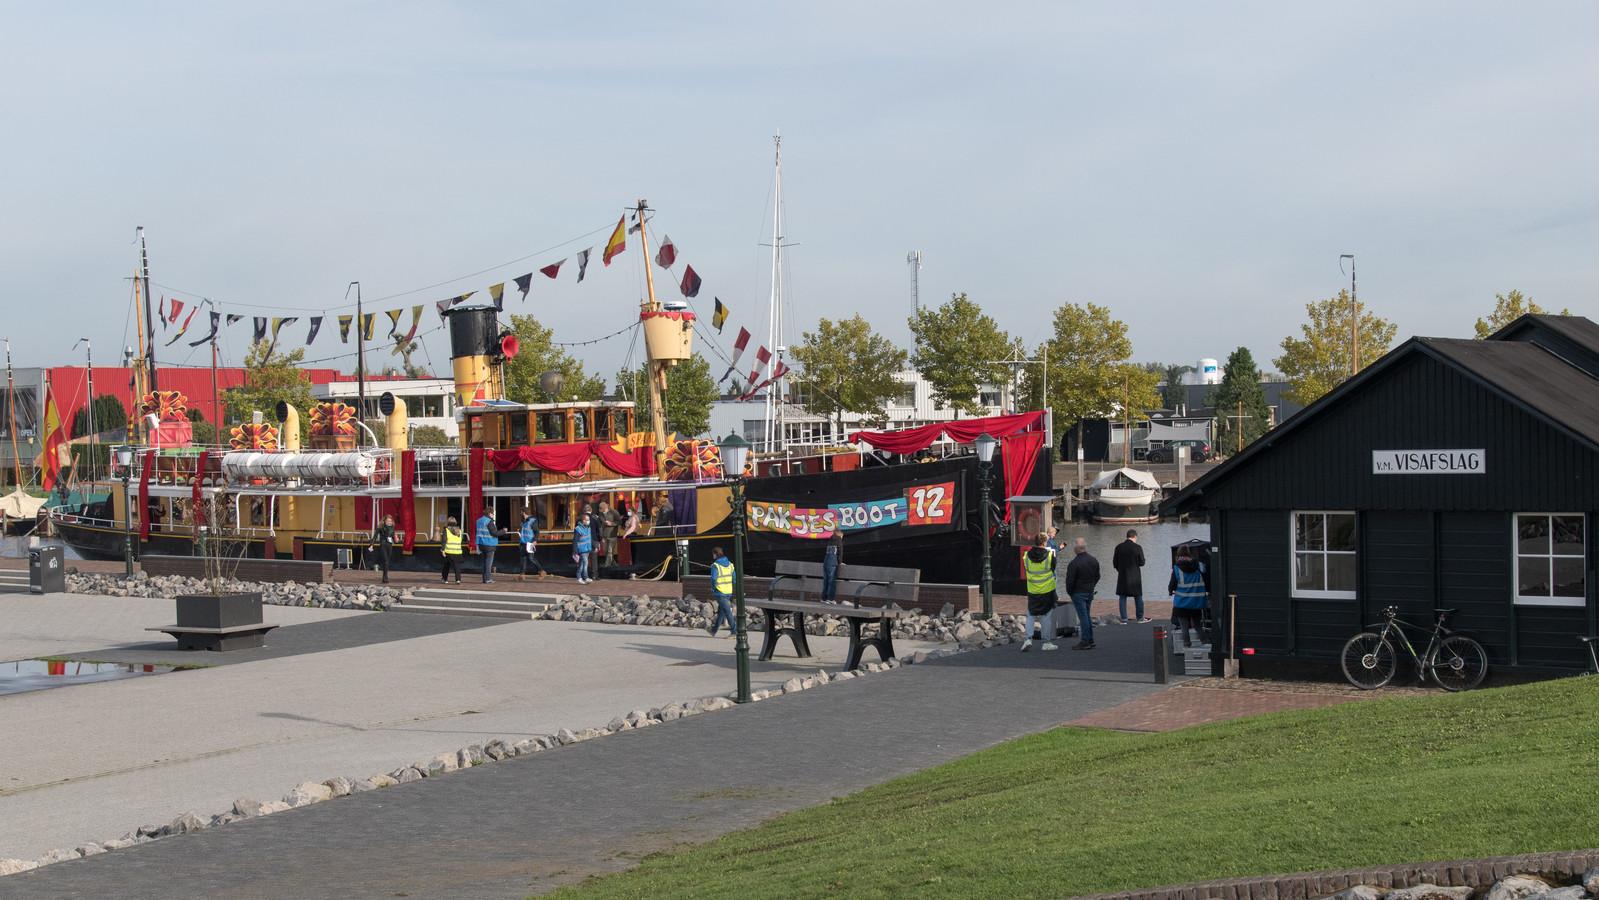 Pakjesboot 12 is aangemeerd in de haven van Elburg.